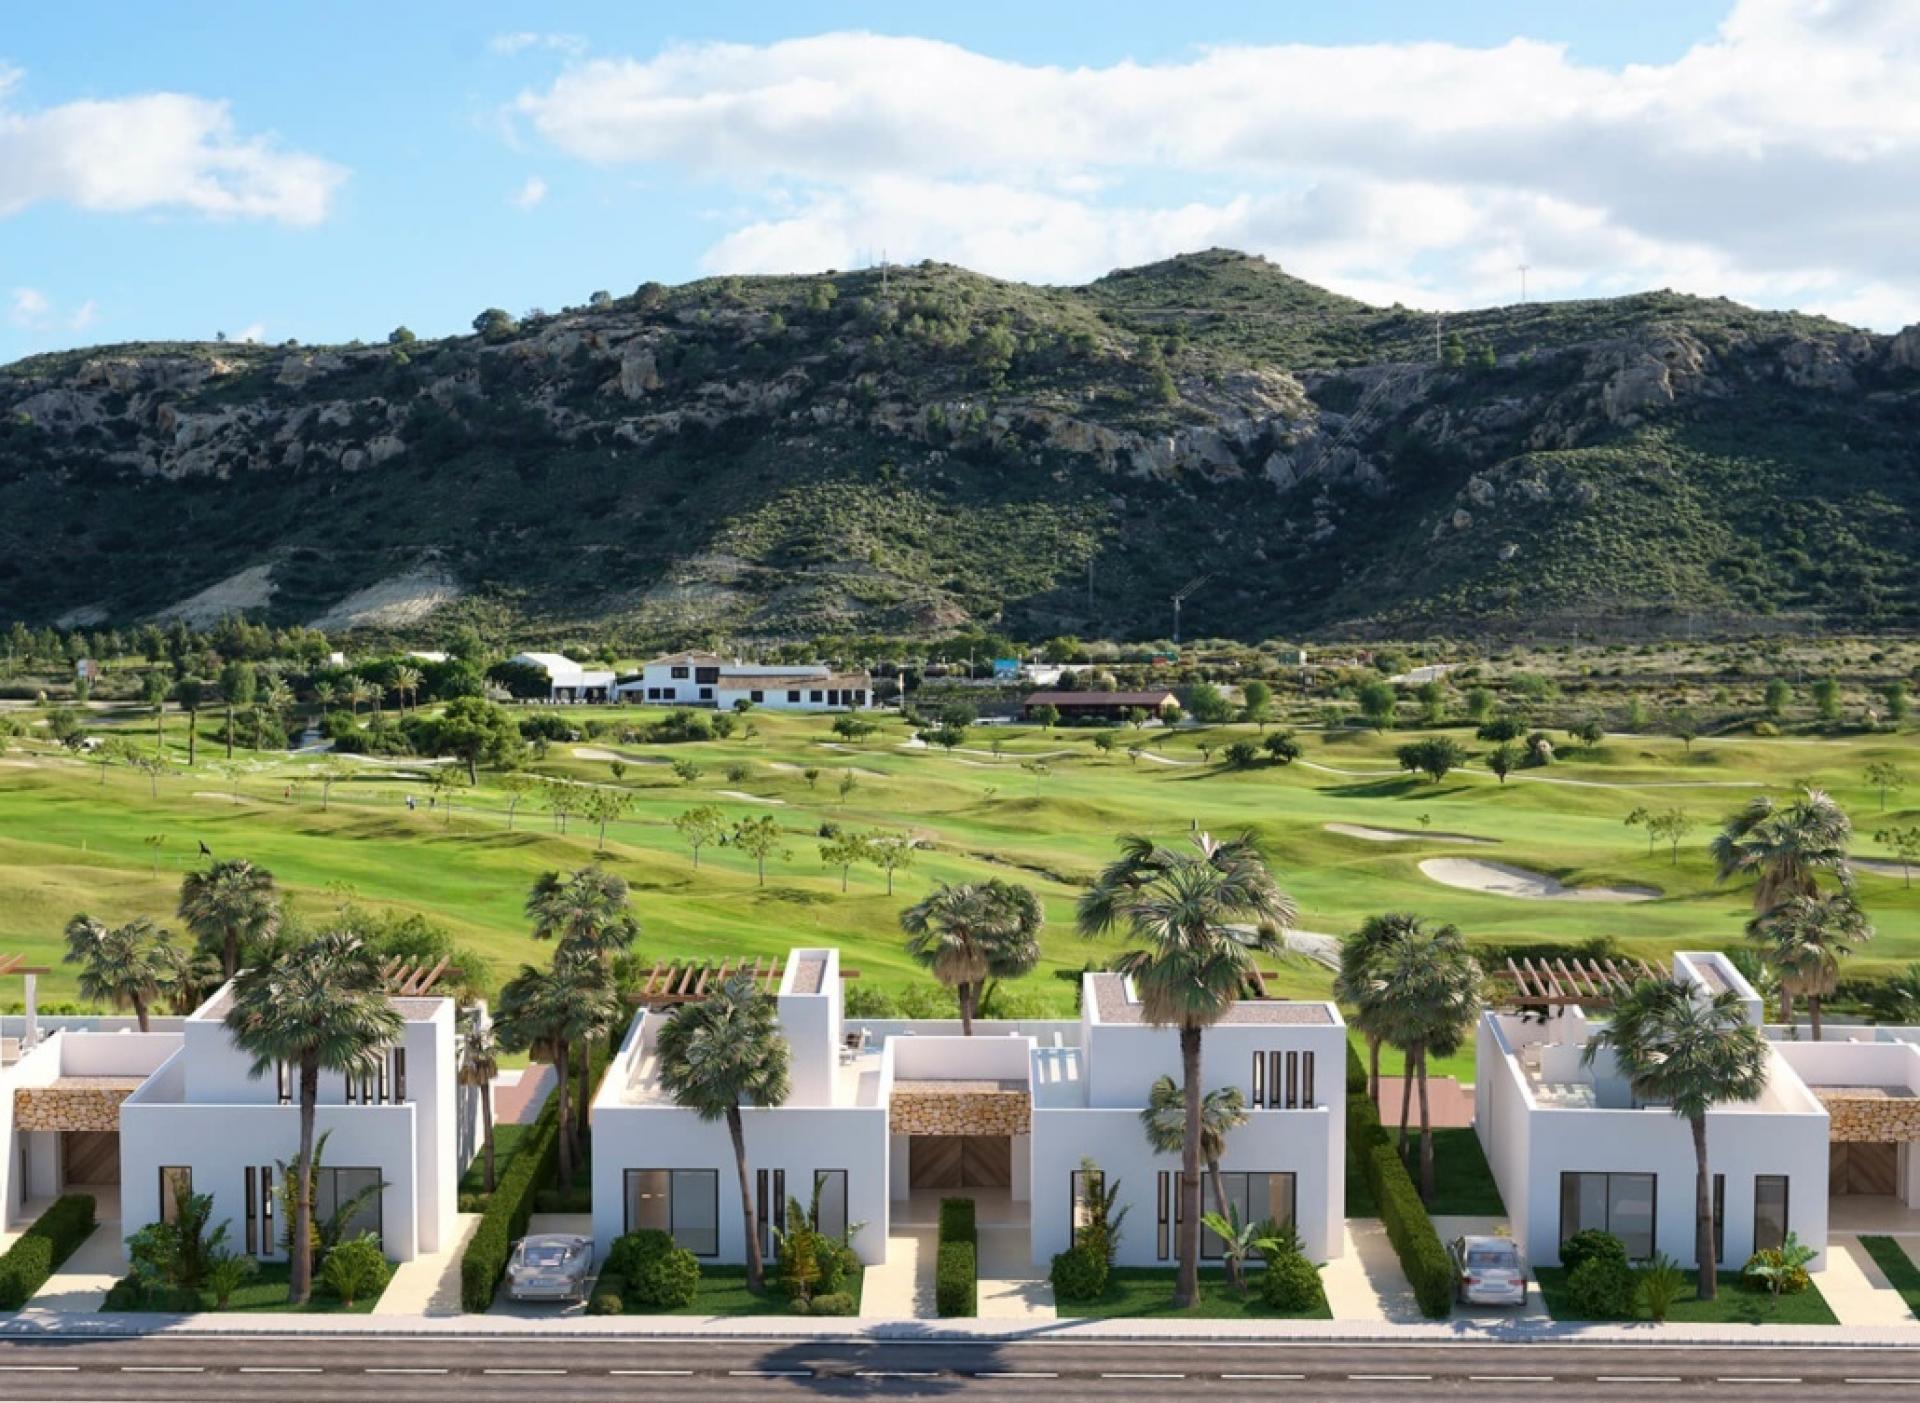 Makalu villas - Font de Llop golf Alicante